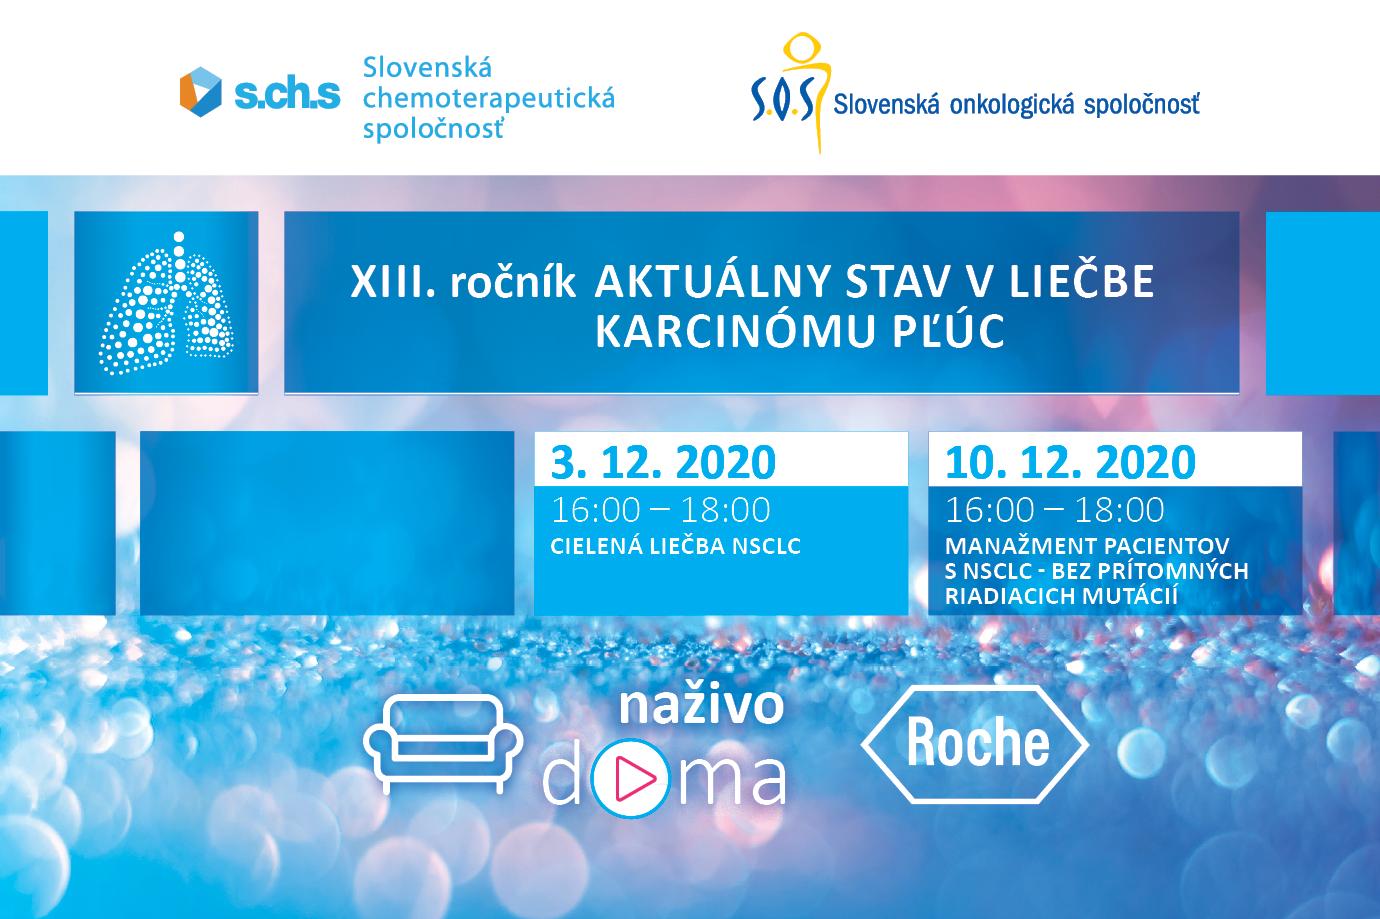 XIII. ročník Aktuálny stav v liečbe karcinómu pľúc 03.12.2020